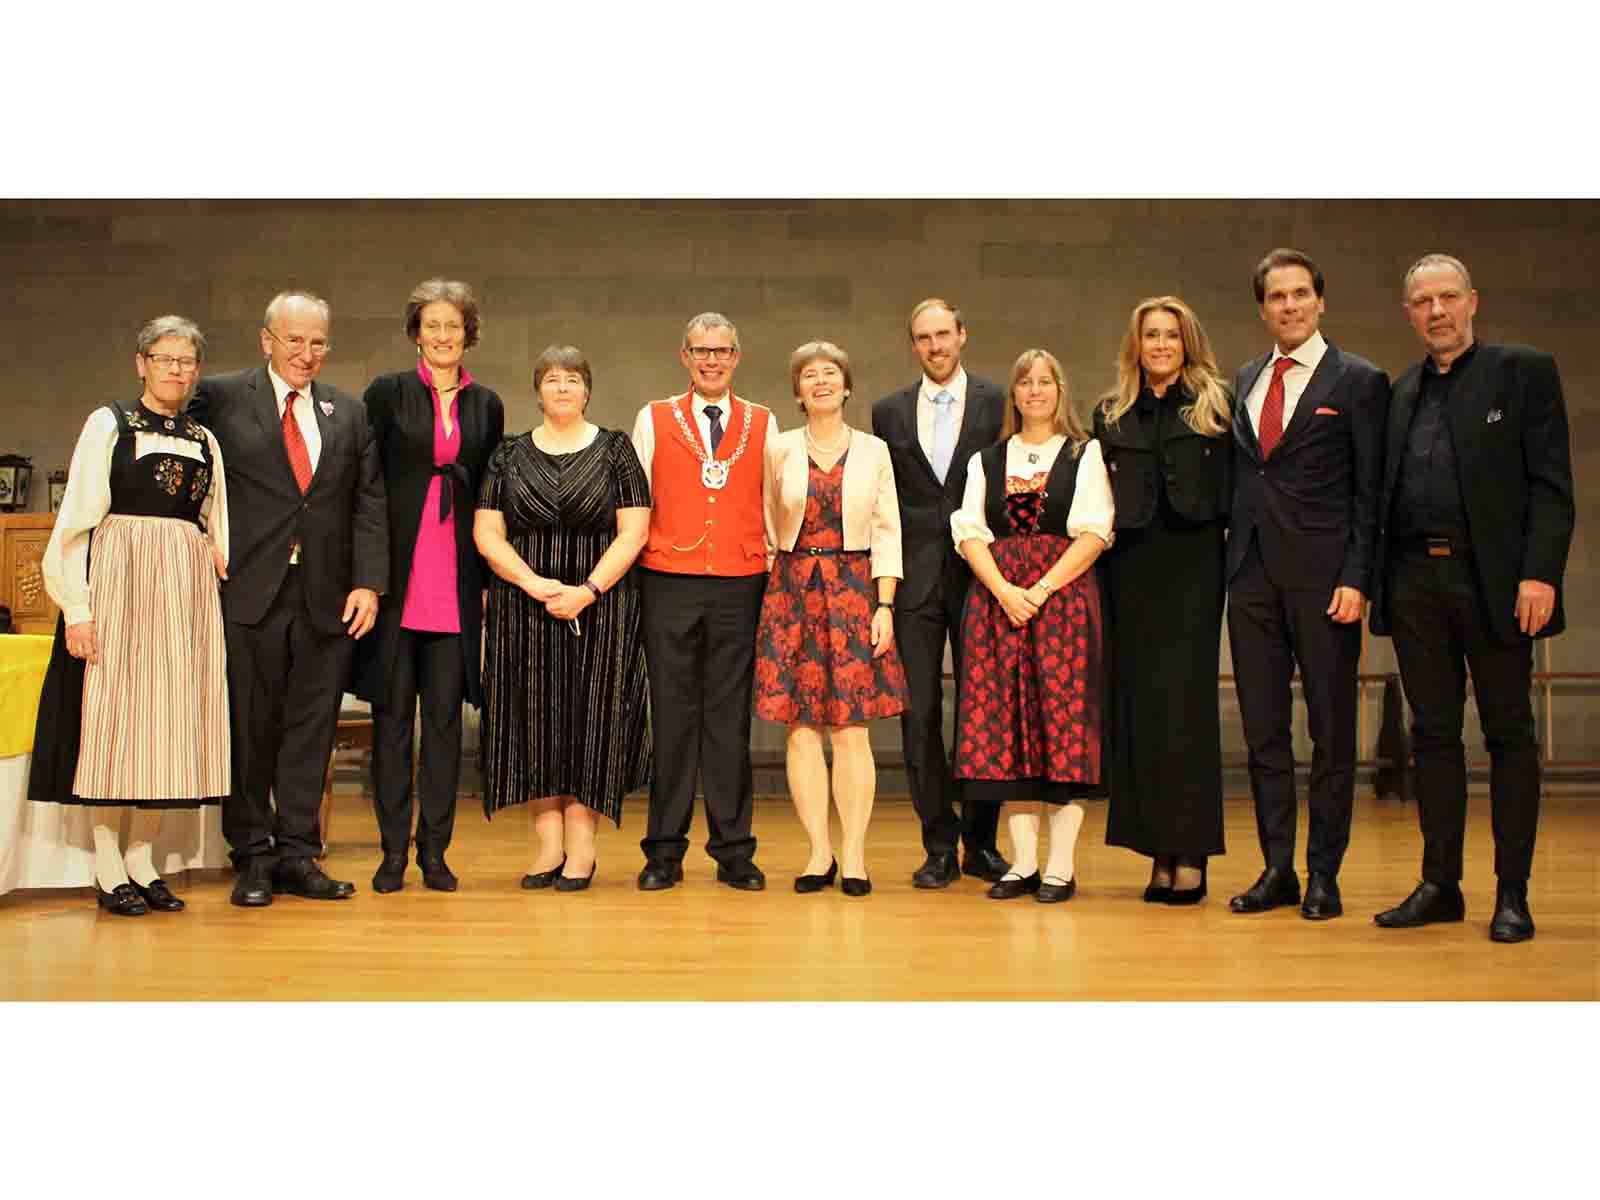 (v.l.n.r.): Barbara und Dr. Jürg Stüssi-Lauterburg (Constaffelherr); Prof. Sarah M. Springman (Rektorin ETH Zürich) und Dr. Rosie Mayglothling; Zunftmeister Walter Zweifel mit Annemarie Diehl, Thomas Rodemeyer und Nicole Meier (Musicalprojekt Zürich 10); Dr. Andreas und Clarissa Zehnder (Constaffelschreiber); Prof. Detlef Günther (ETH Zürich, Vizepräsident Forschung & Wirtschaftsbeziehungen).